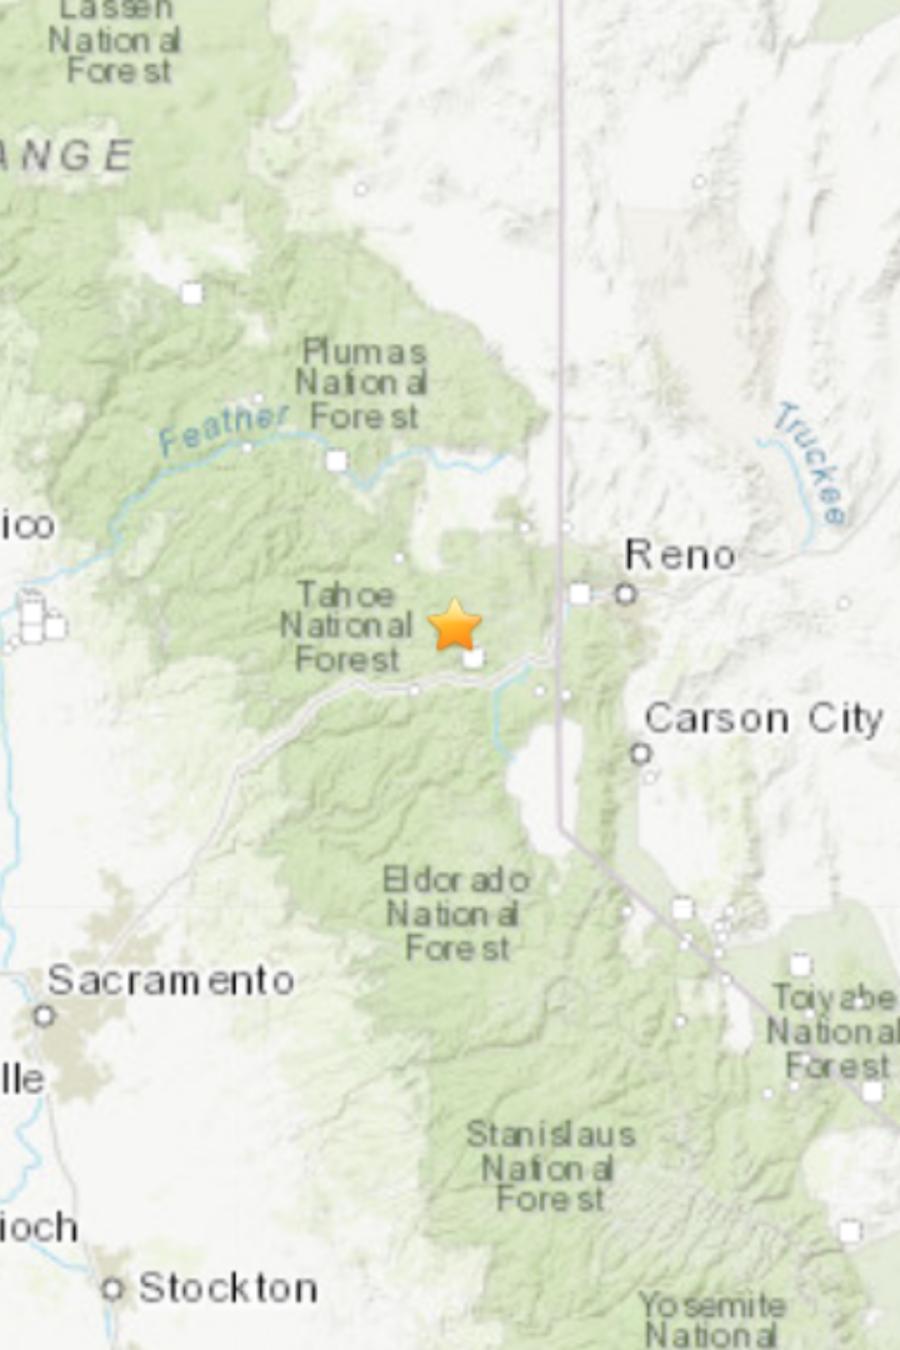 Un temblor de magnitud 4.7 cerca de Truckee.